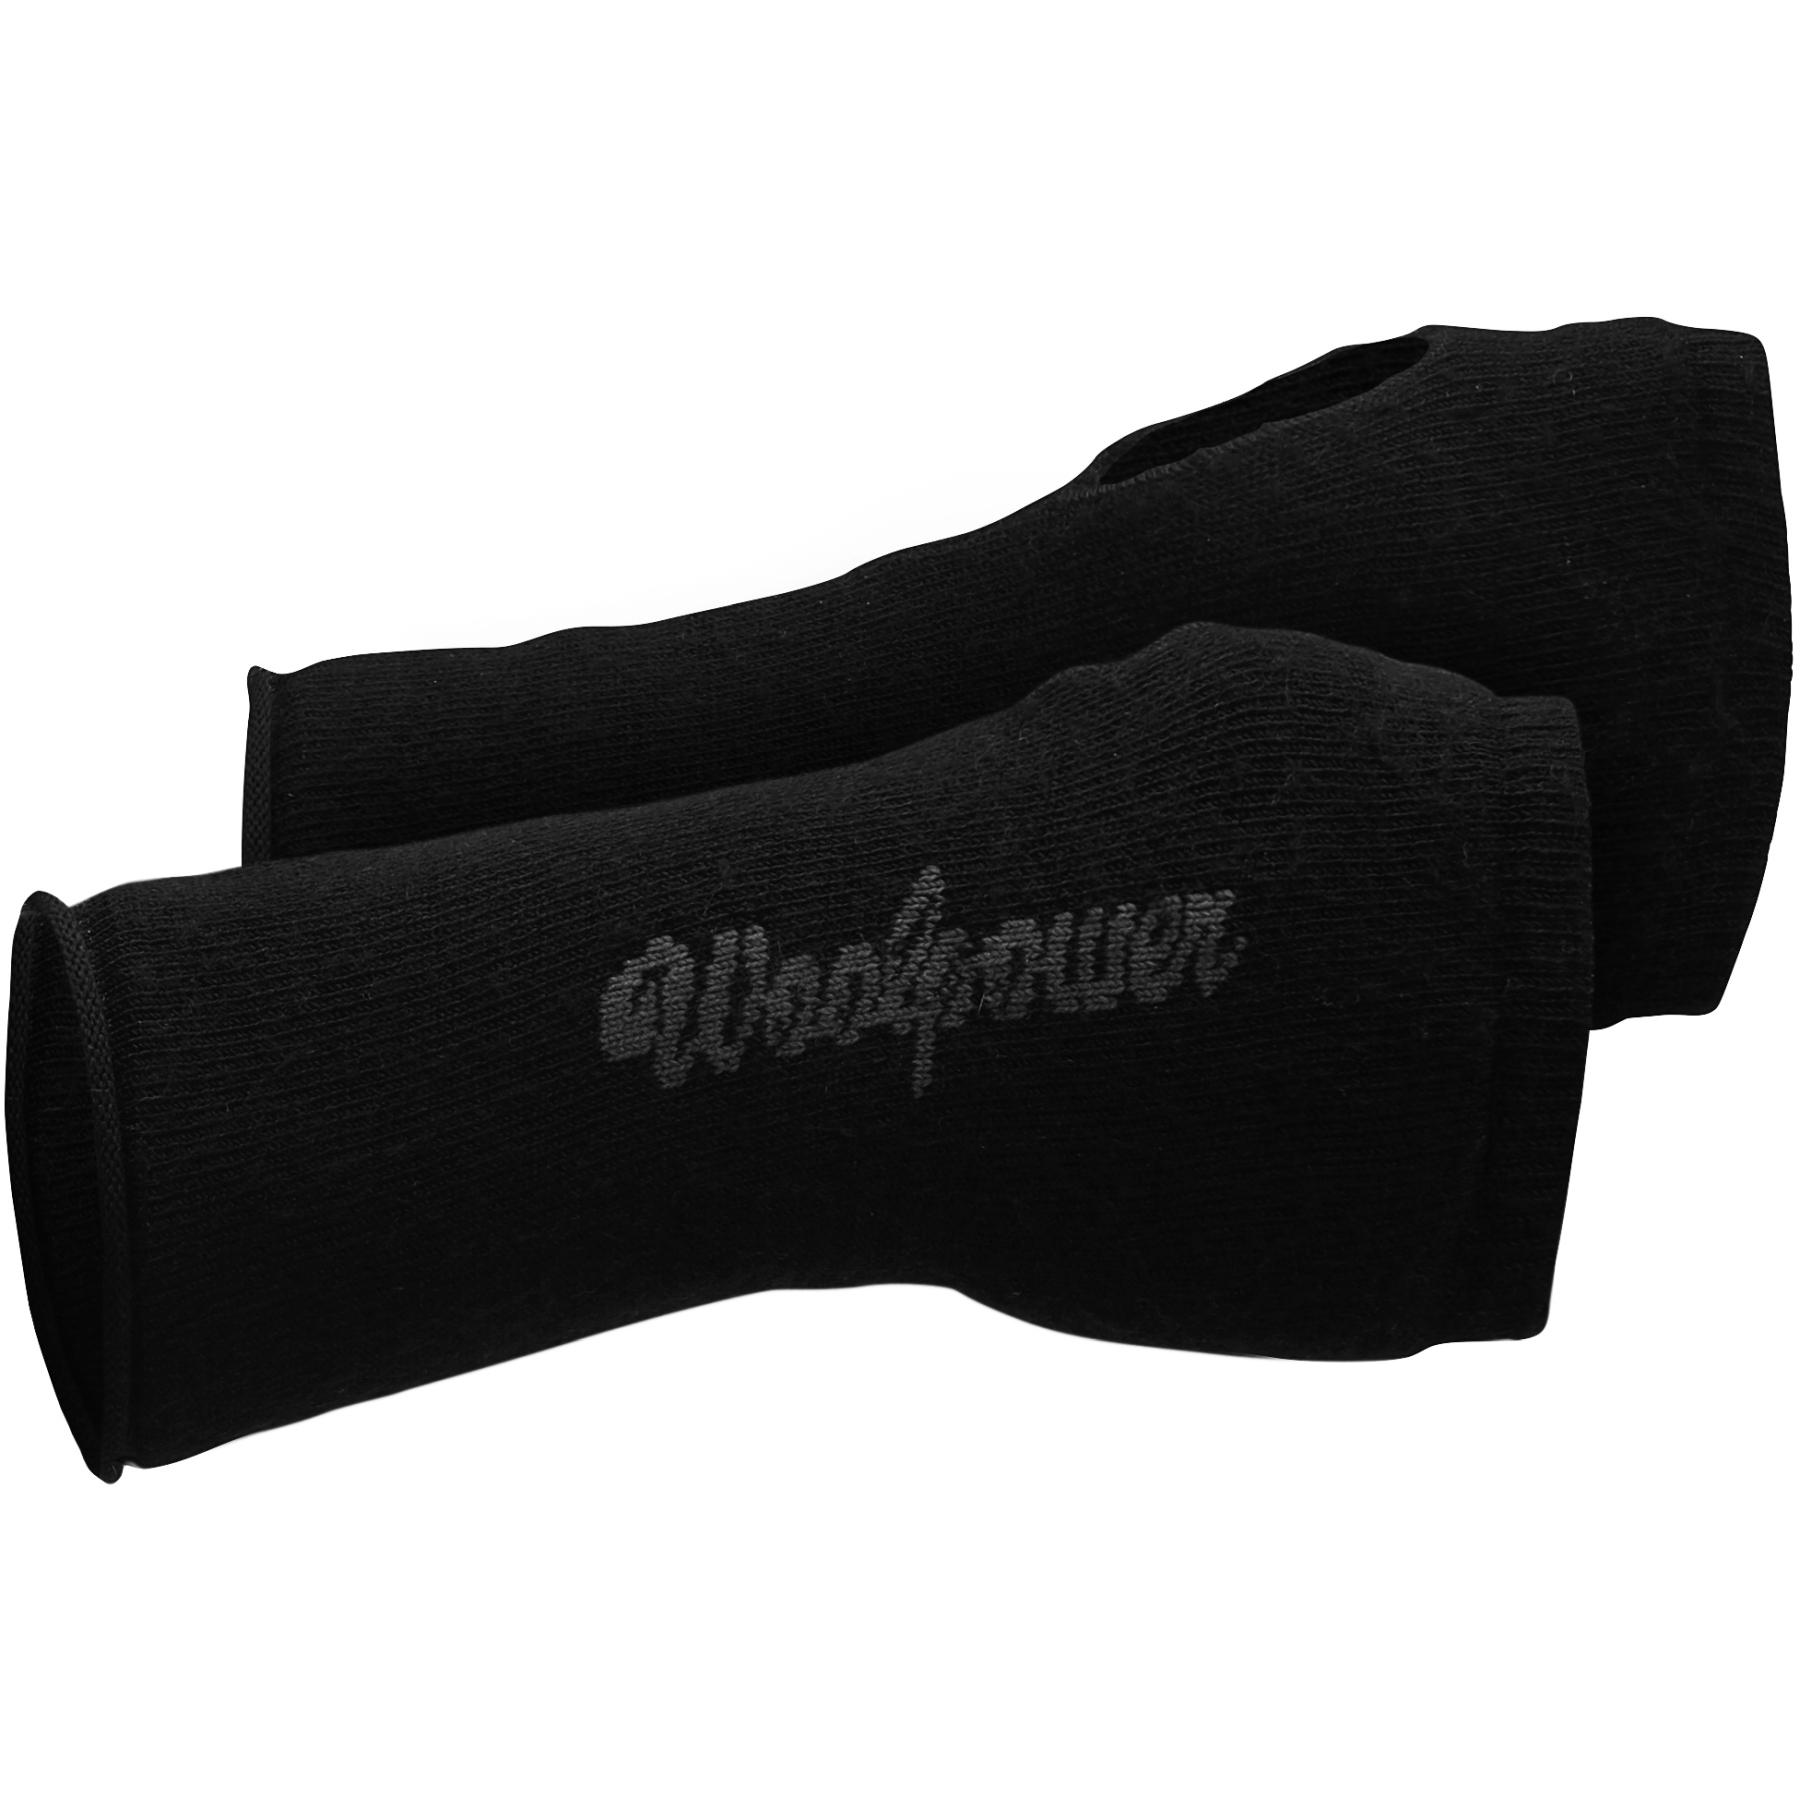 Woolpower Handgelenkstulpen 200 - black